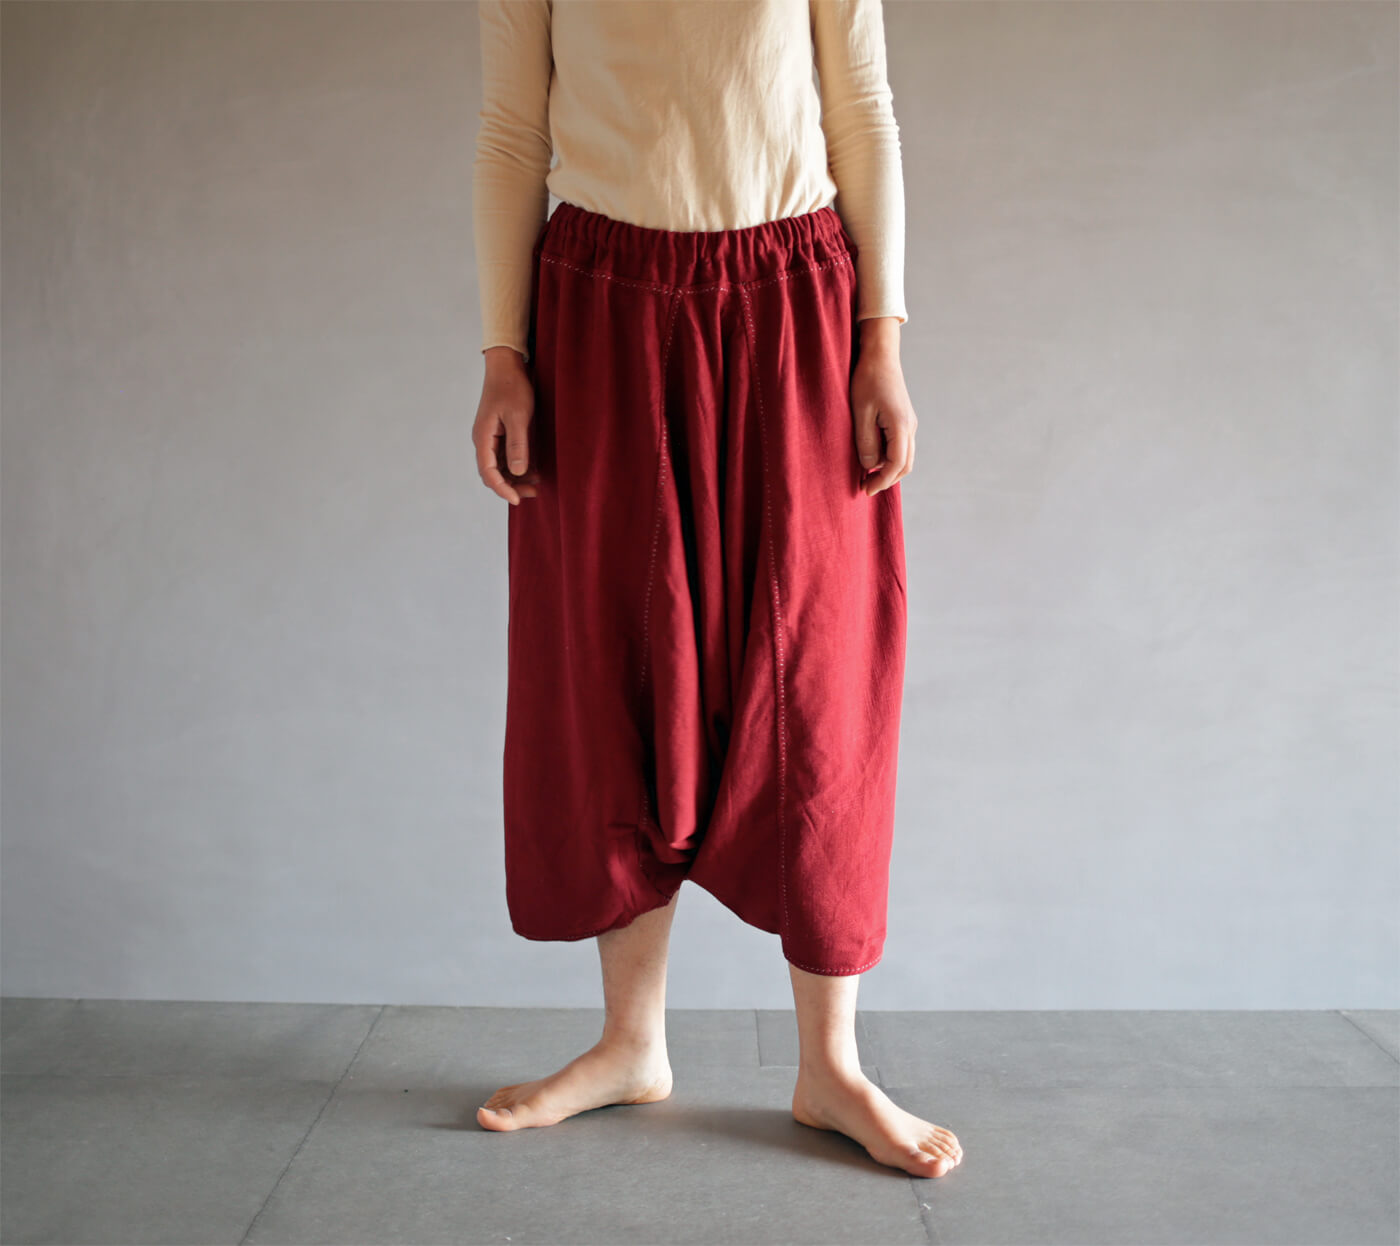 通販 赤いリスパンツ sold outのアイキャッチ画像